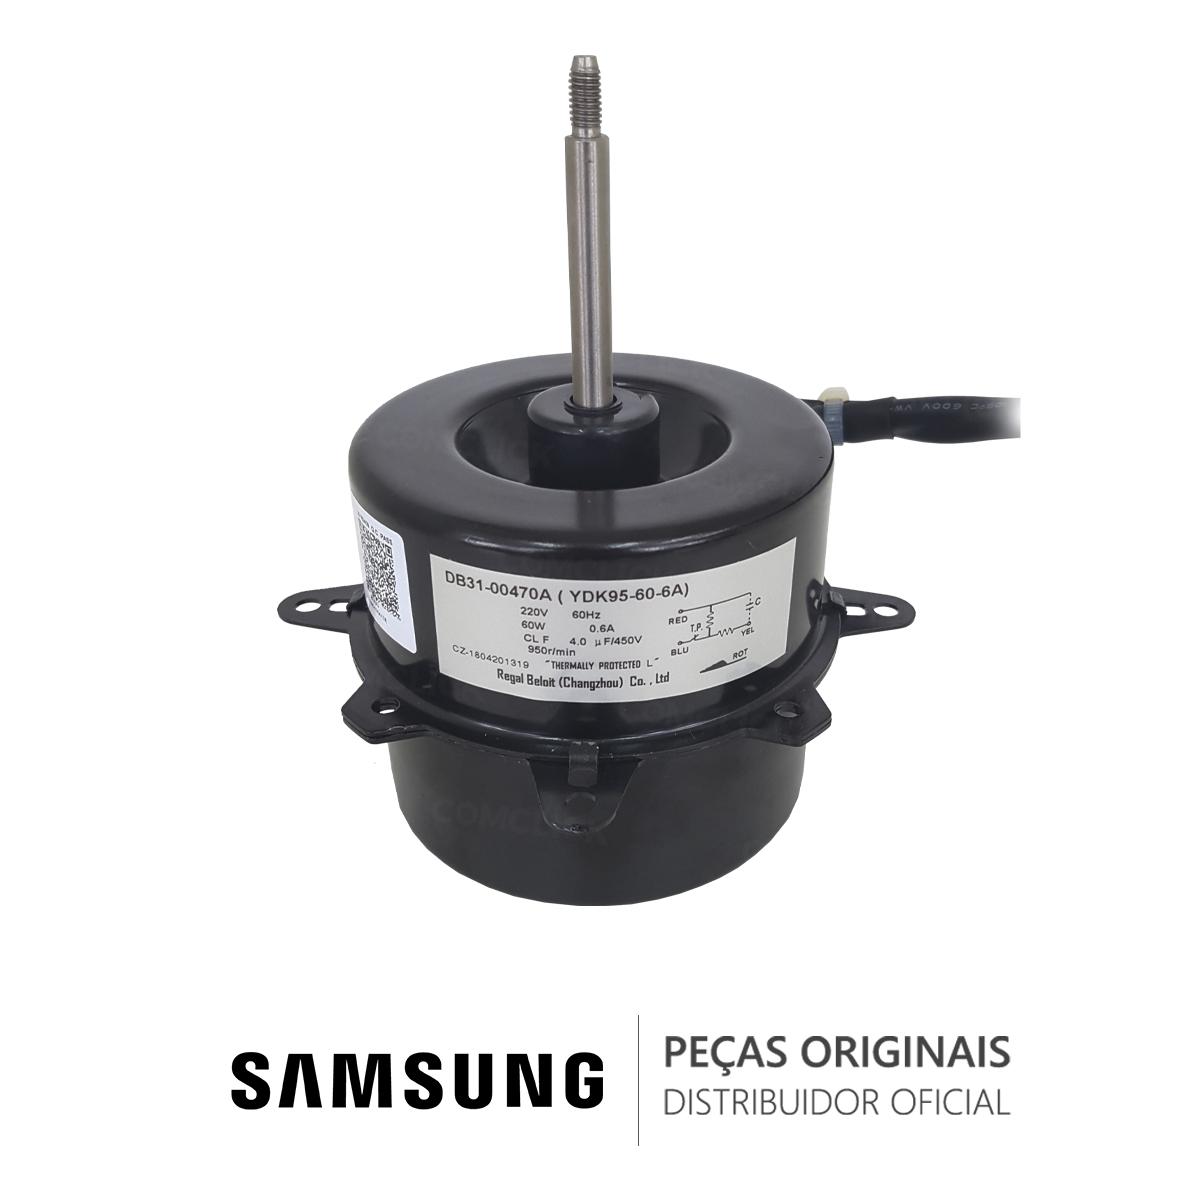 Motor do Ventilador YDK95-60-6A da Unidade Condensadora para Ar Condicionado Samsung 24.000 BTUS